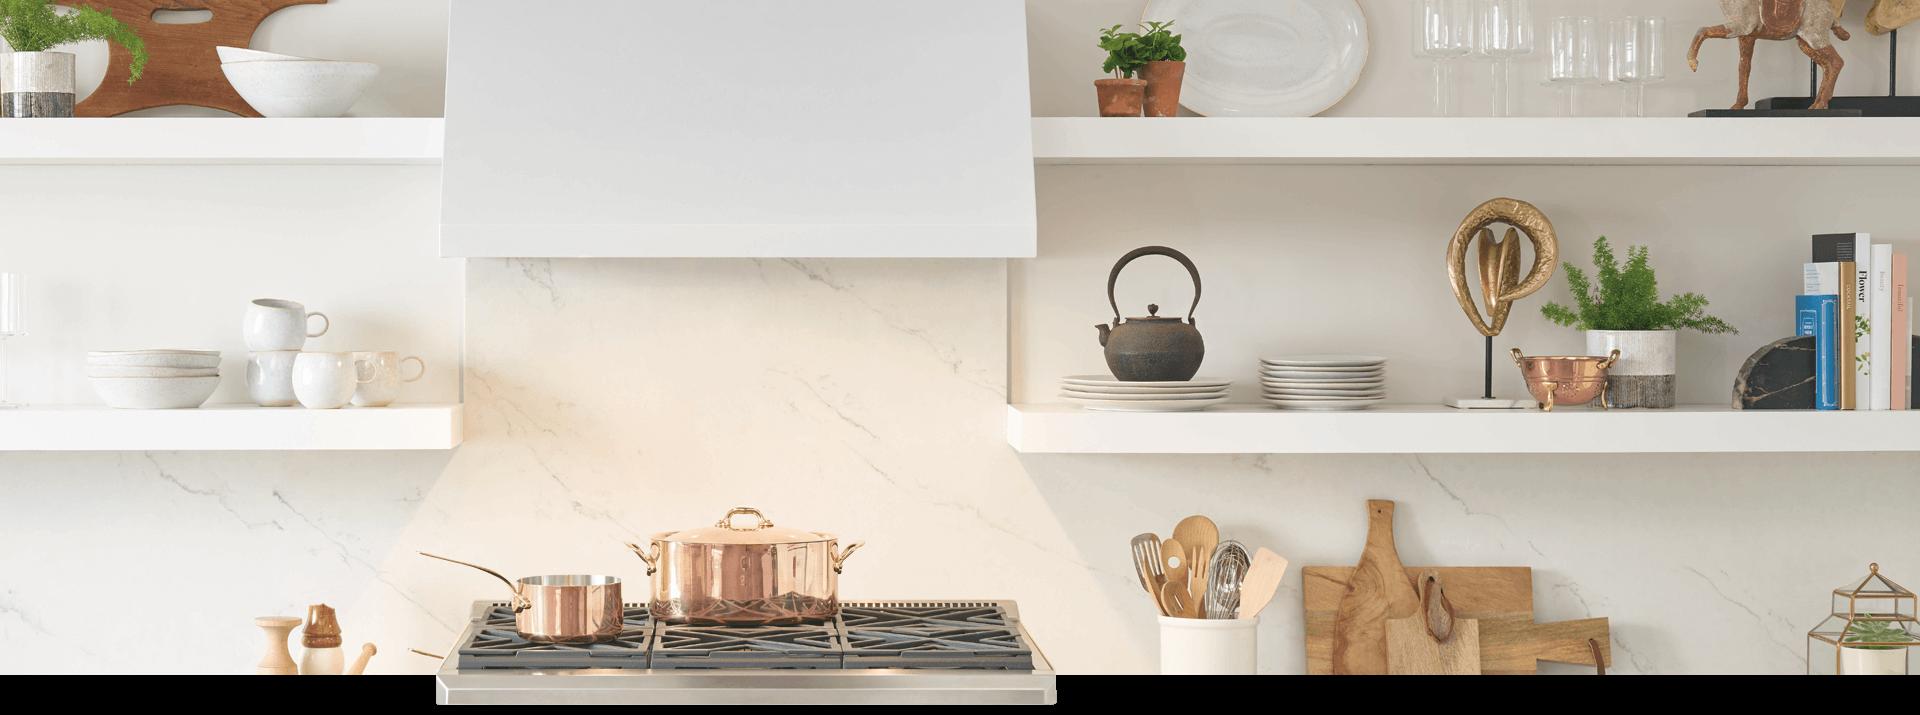 Range Vent Hoods Modern Kitchen Design Cafe Appliances